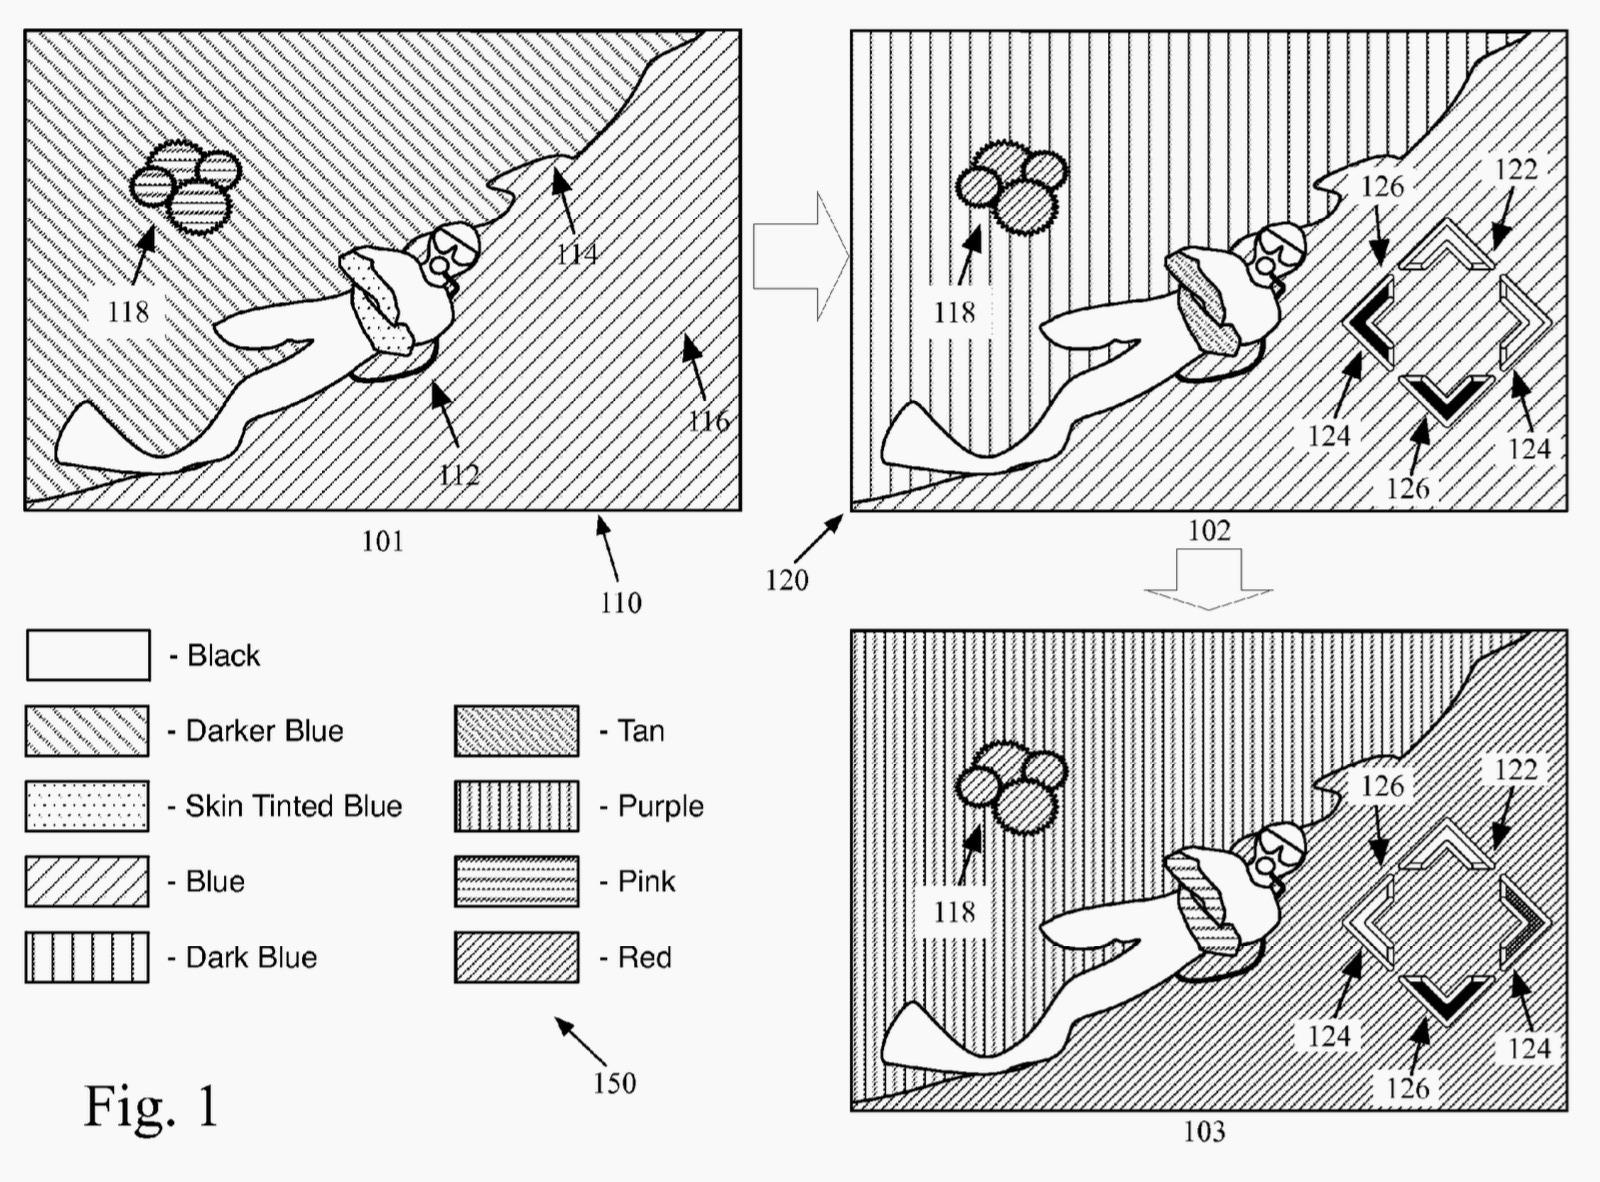 Apple iPhone underwater patent